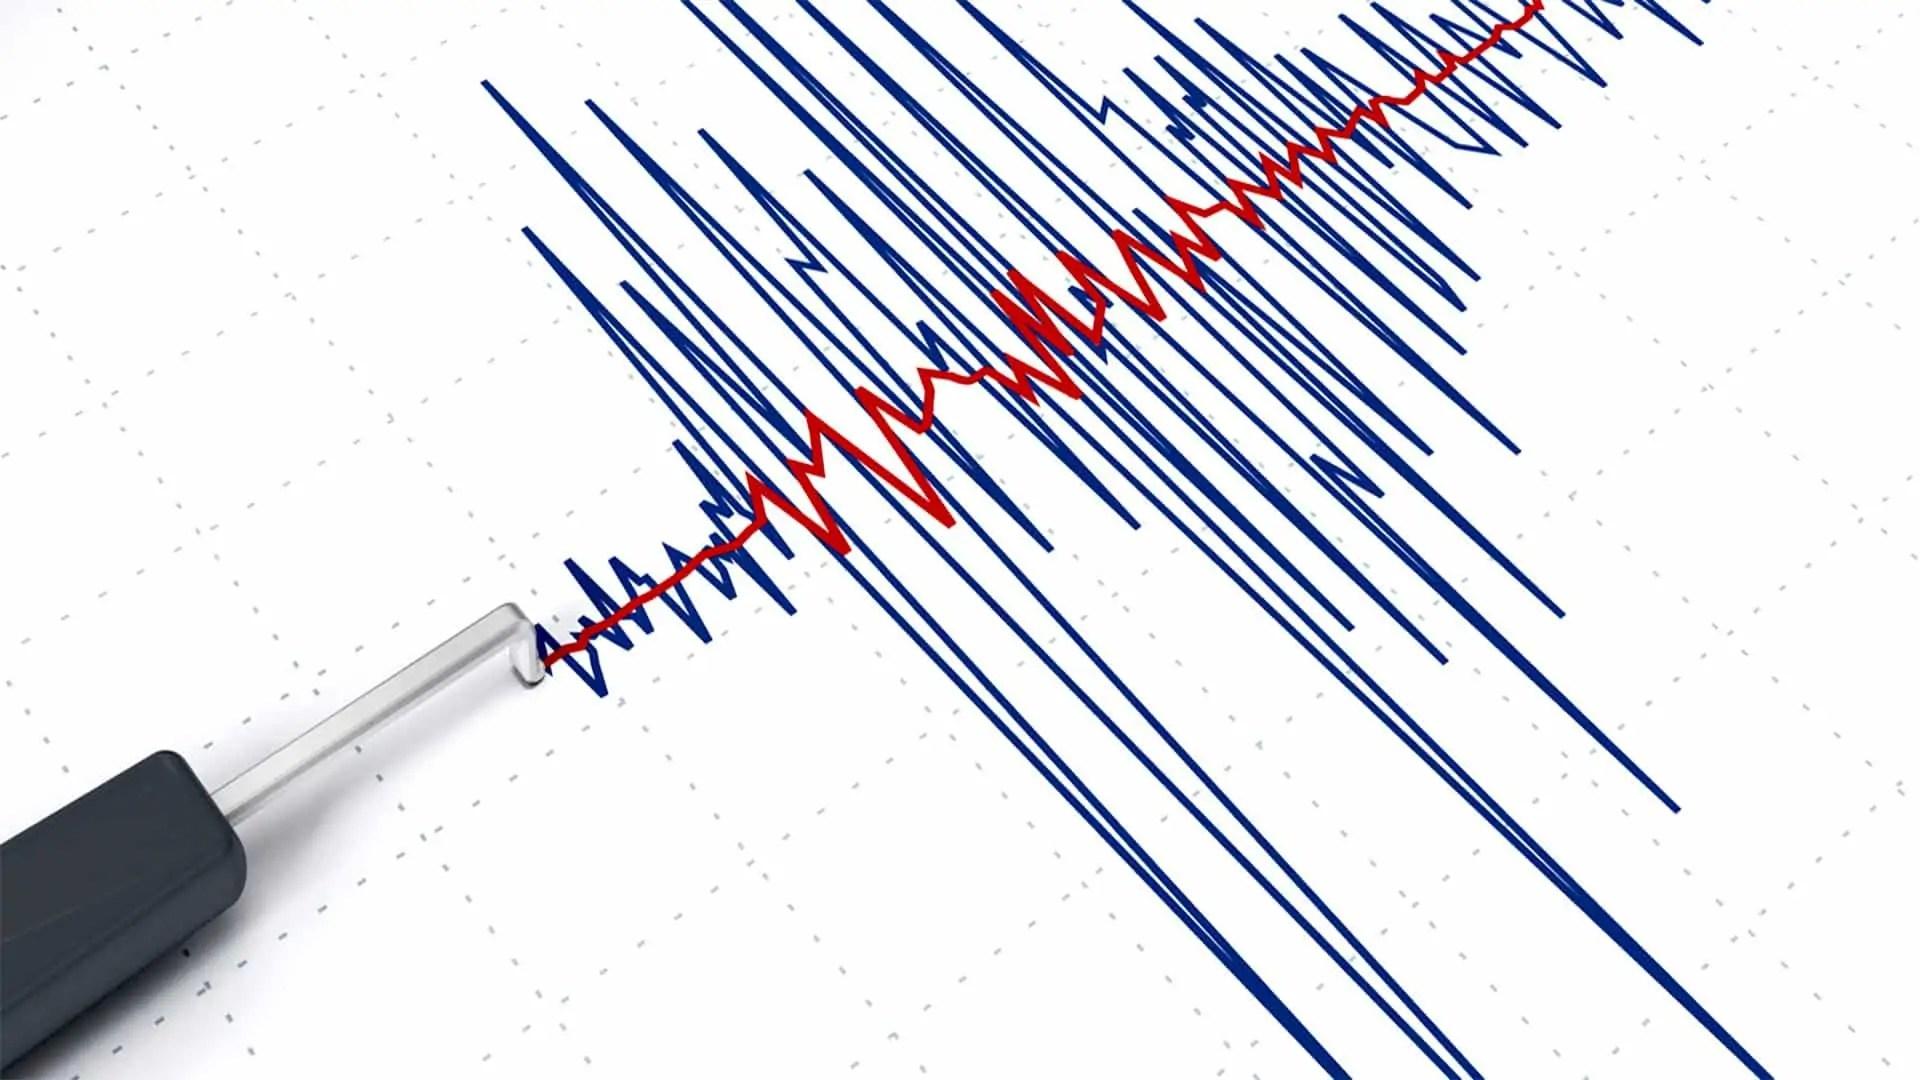 Algérie : Nouveau séisme de 4.3 degrés sur l'échelle de Richter